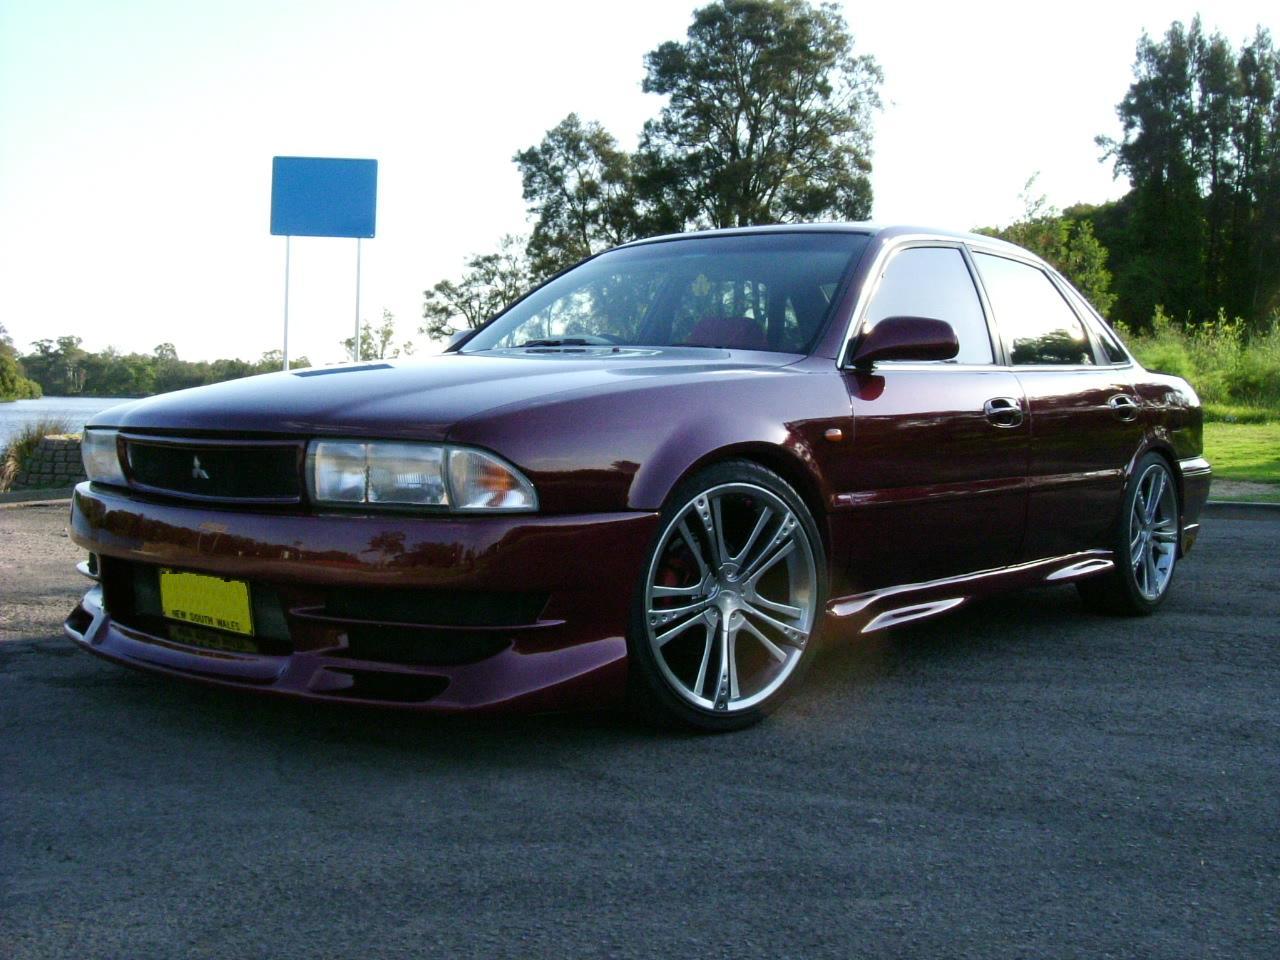 1993 Mitsubishi Diamante - Pictures - CarGurus